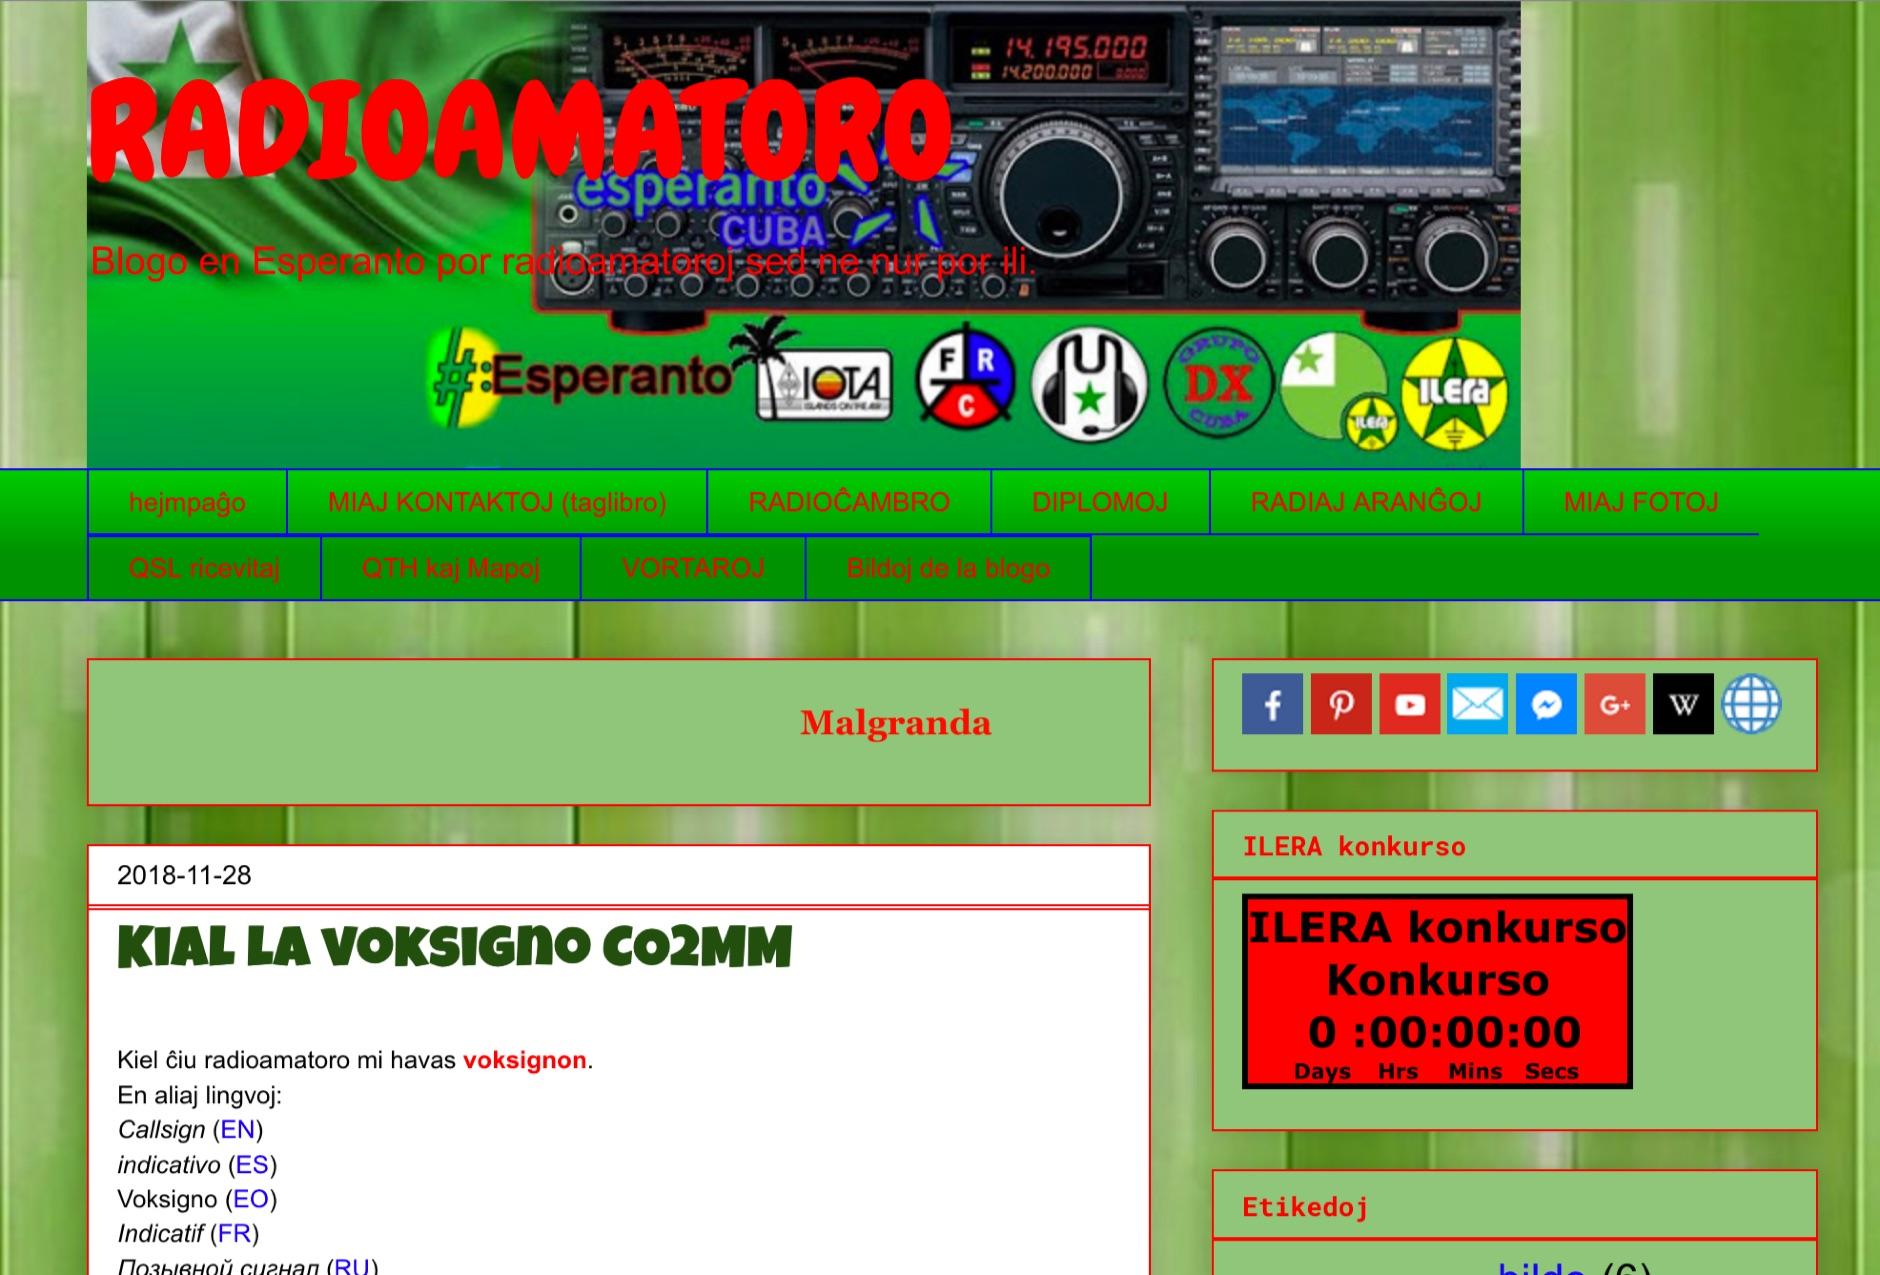 RADIOAMATORO blog en ESPERANTO